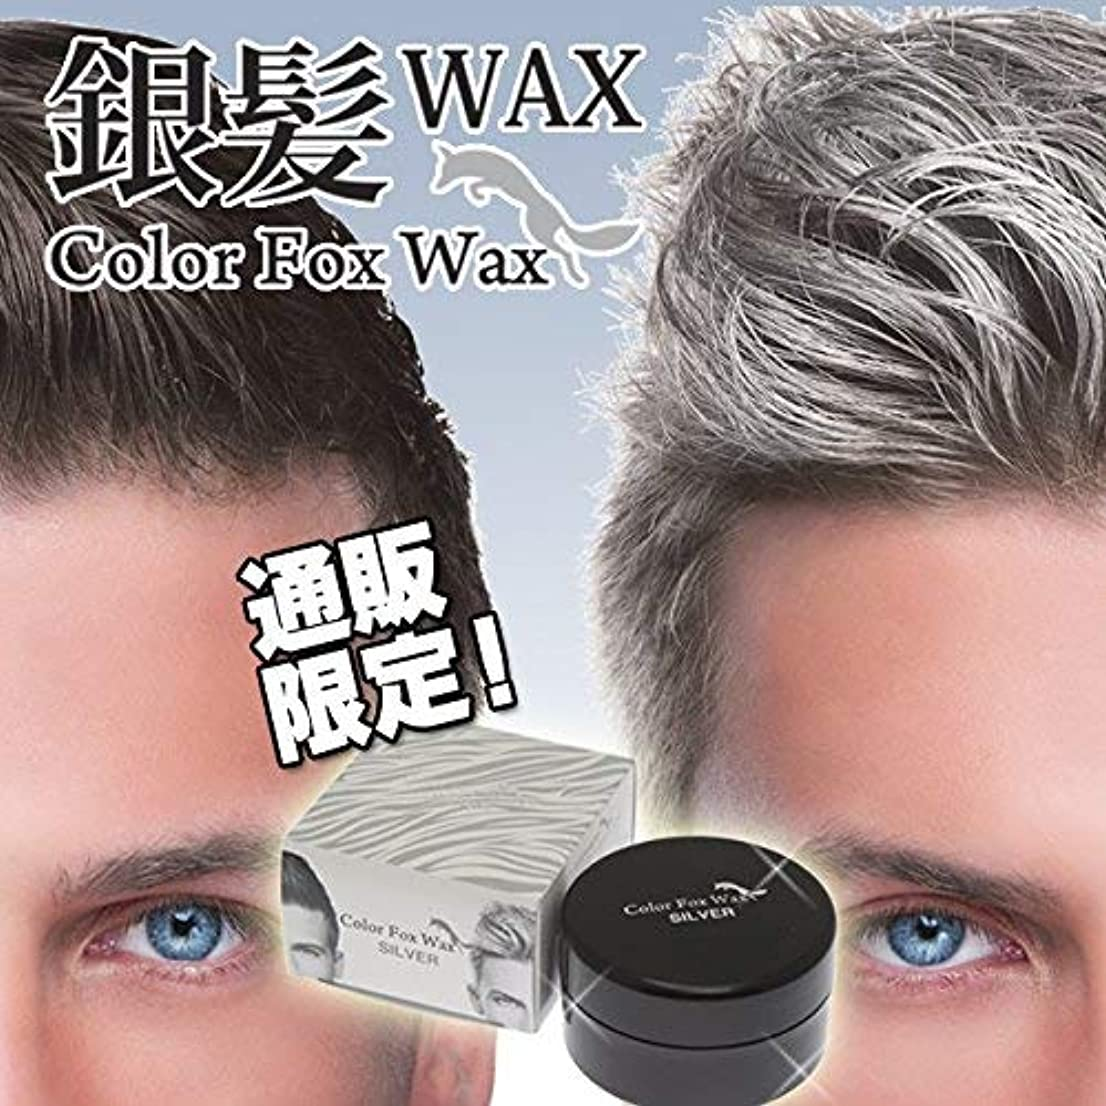 朝不名誉なもう一度【正規品】1DAY銀髪カラーリング カラーフォックスワックス シルバー120g